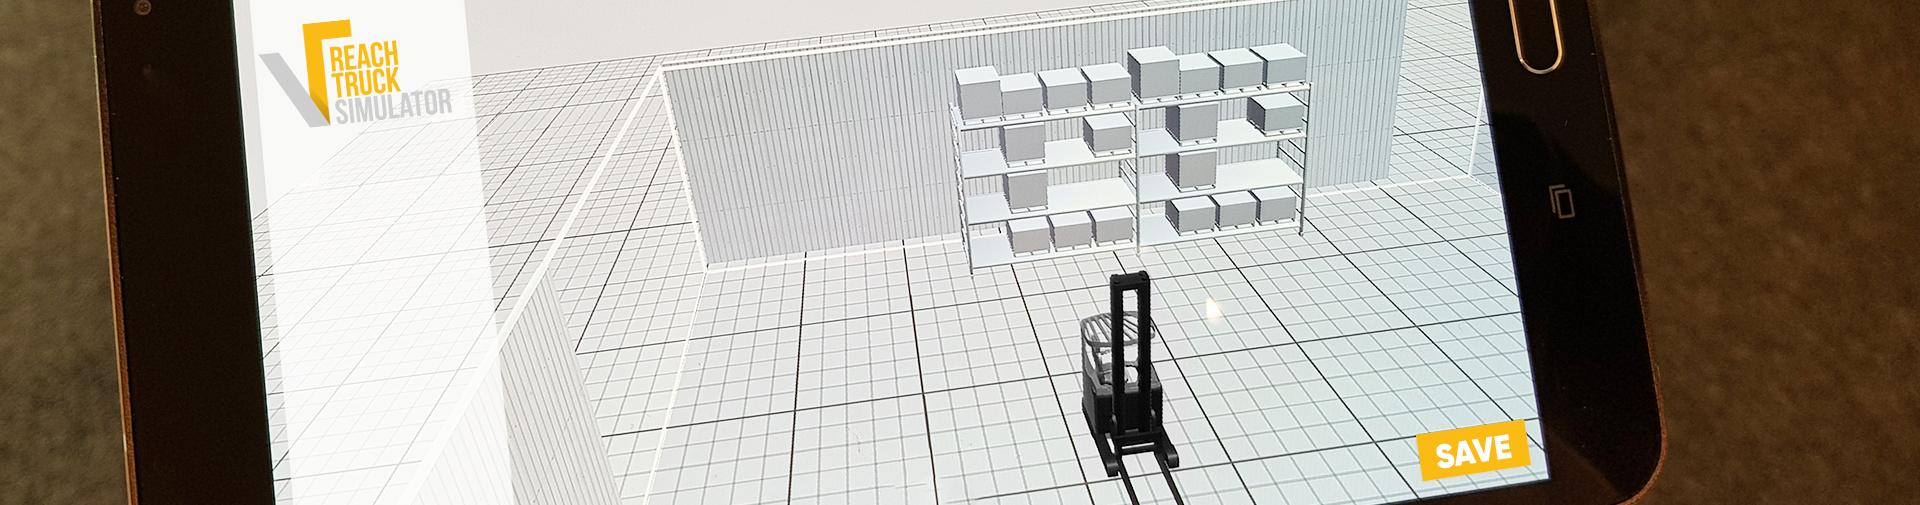 Reachtruck simulator environment builder